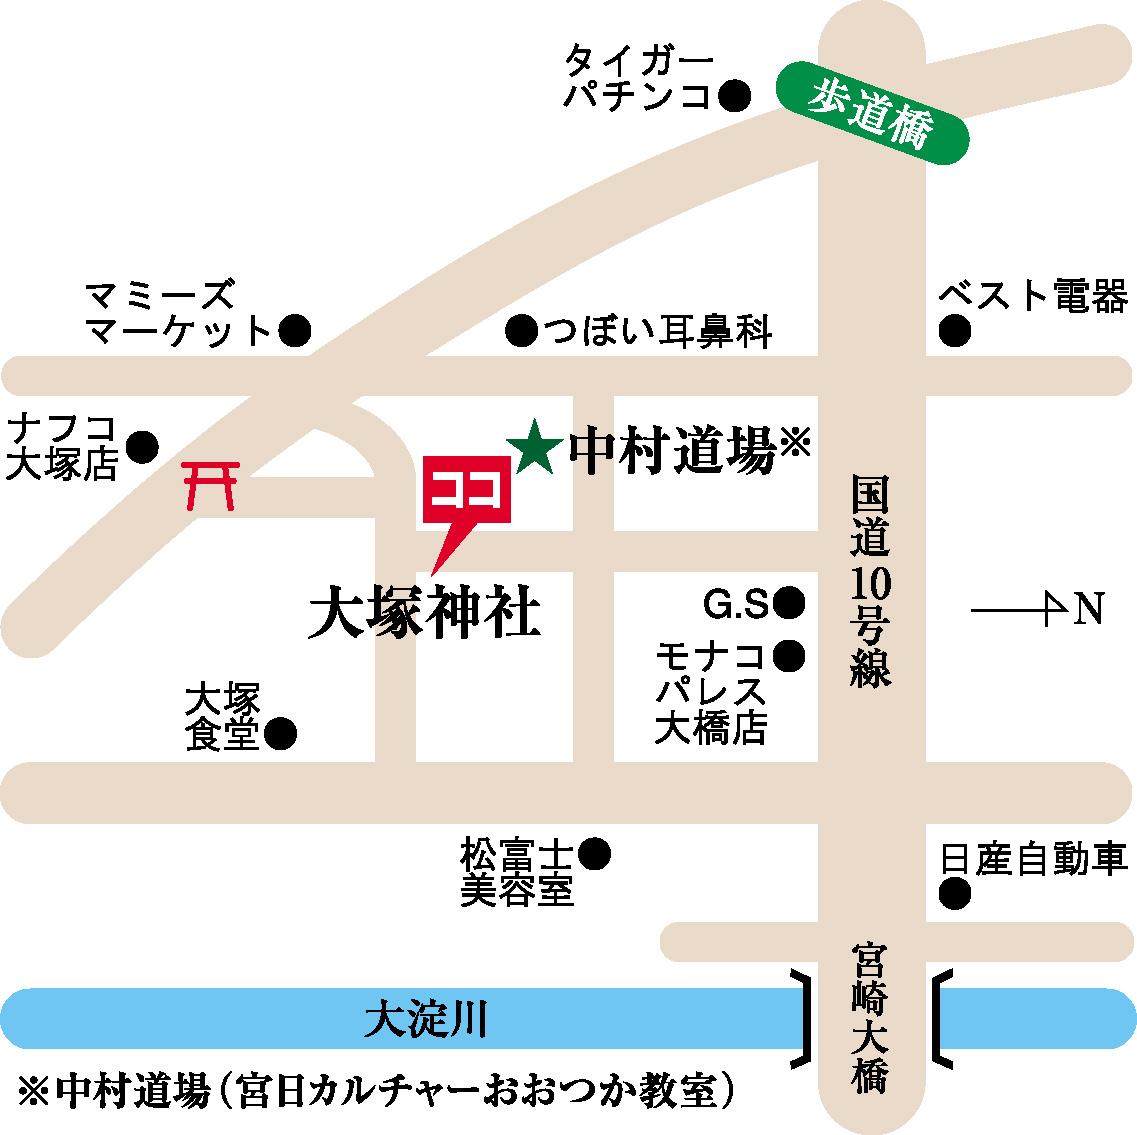 野外音楽 楽市楽座 公演決定!!_c0045448_1015894.jpg